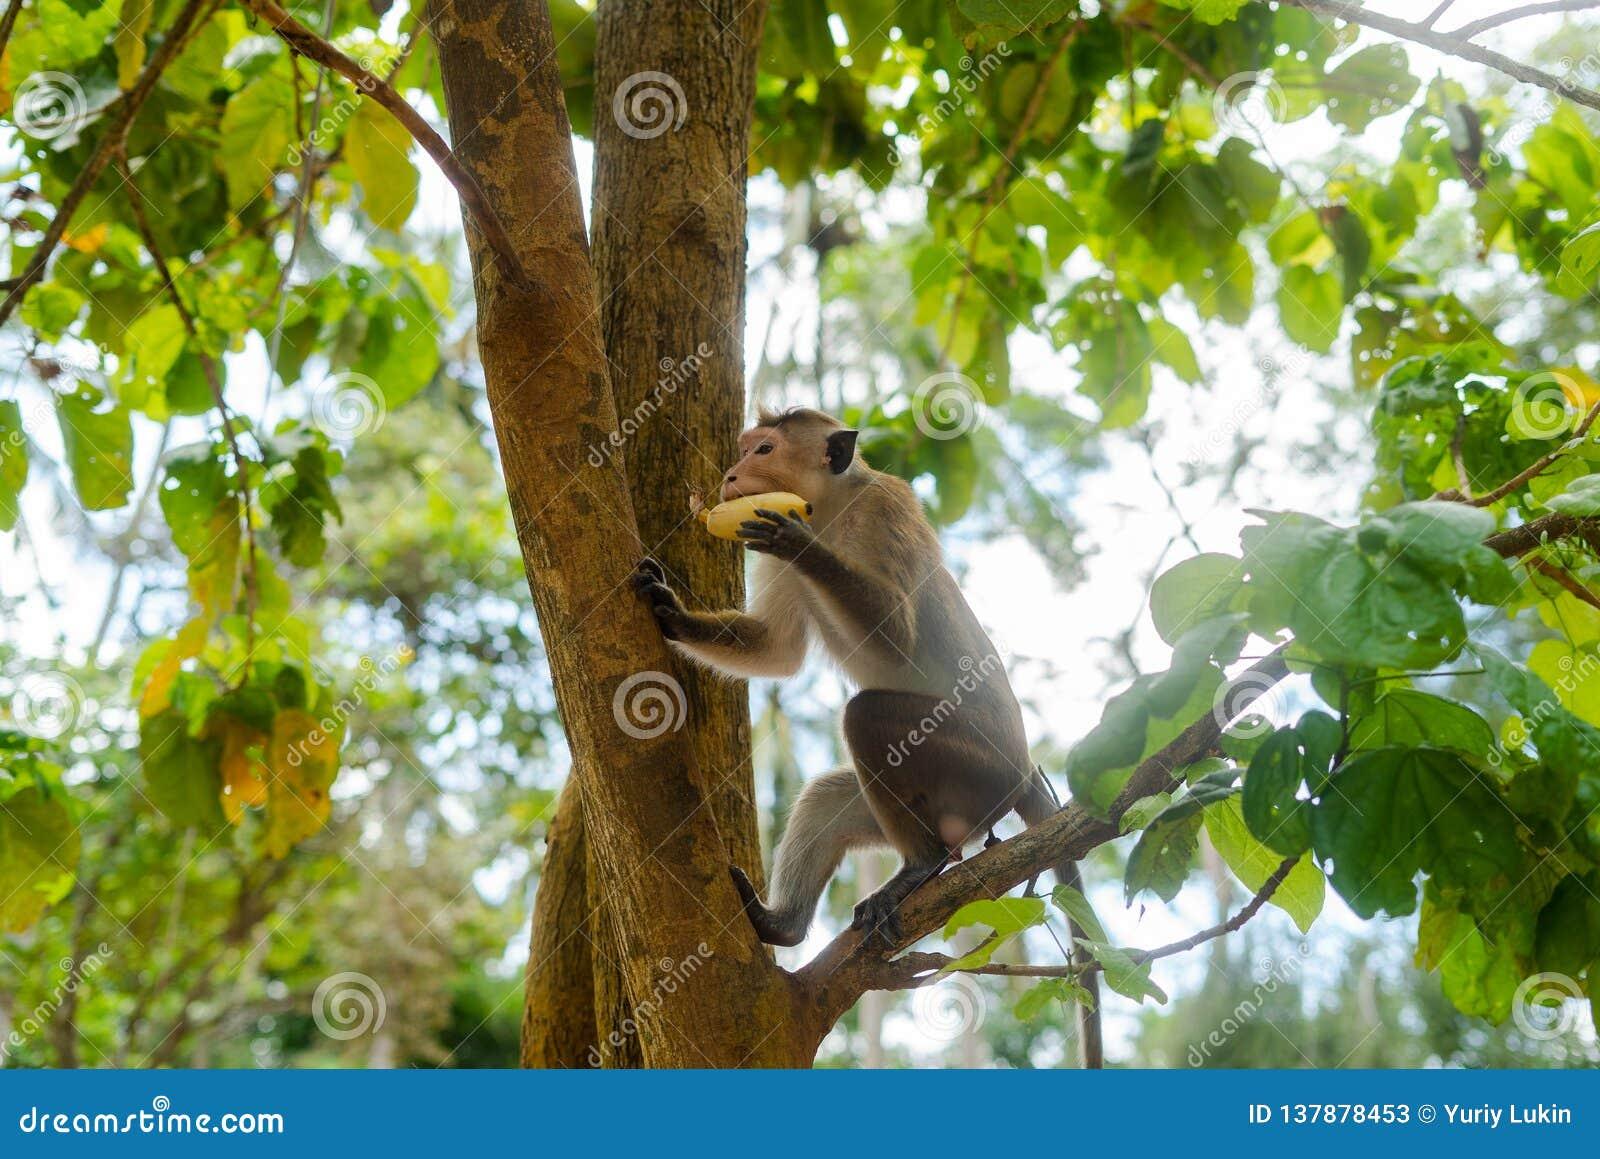 Małpuje na wyspie Sri Lanka w dzikim